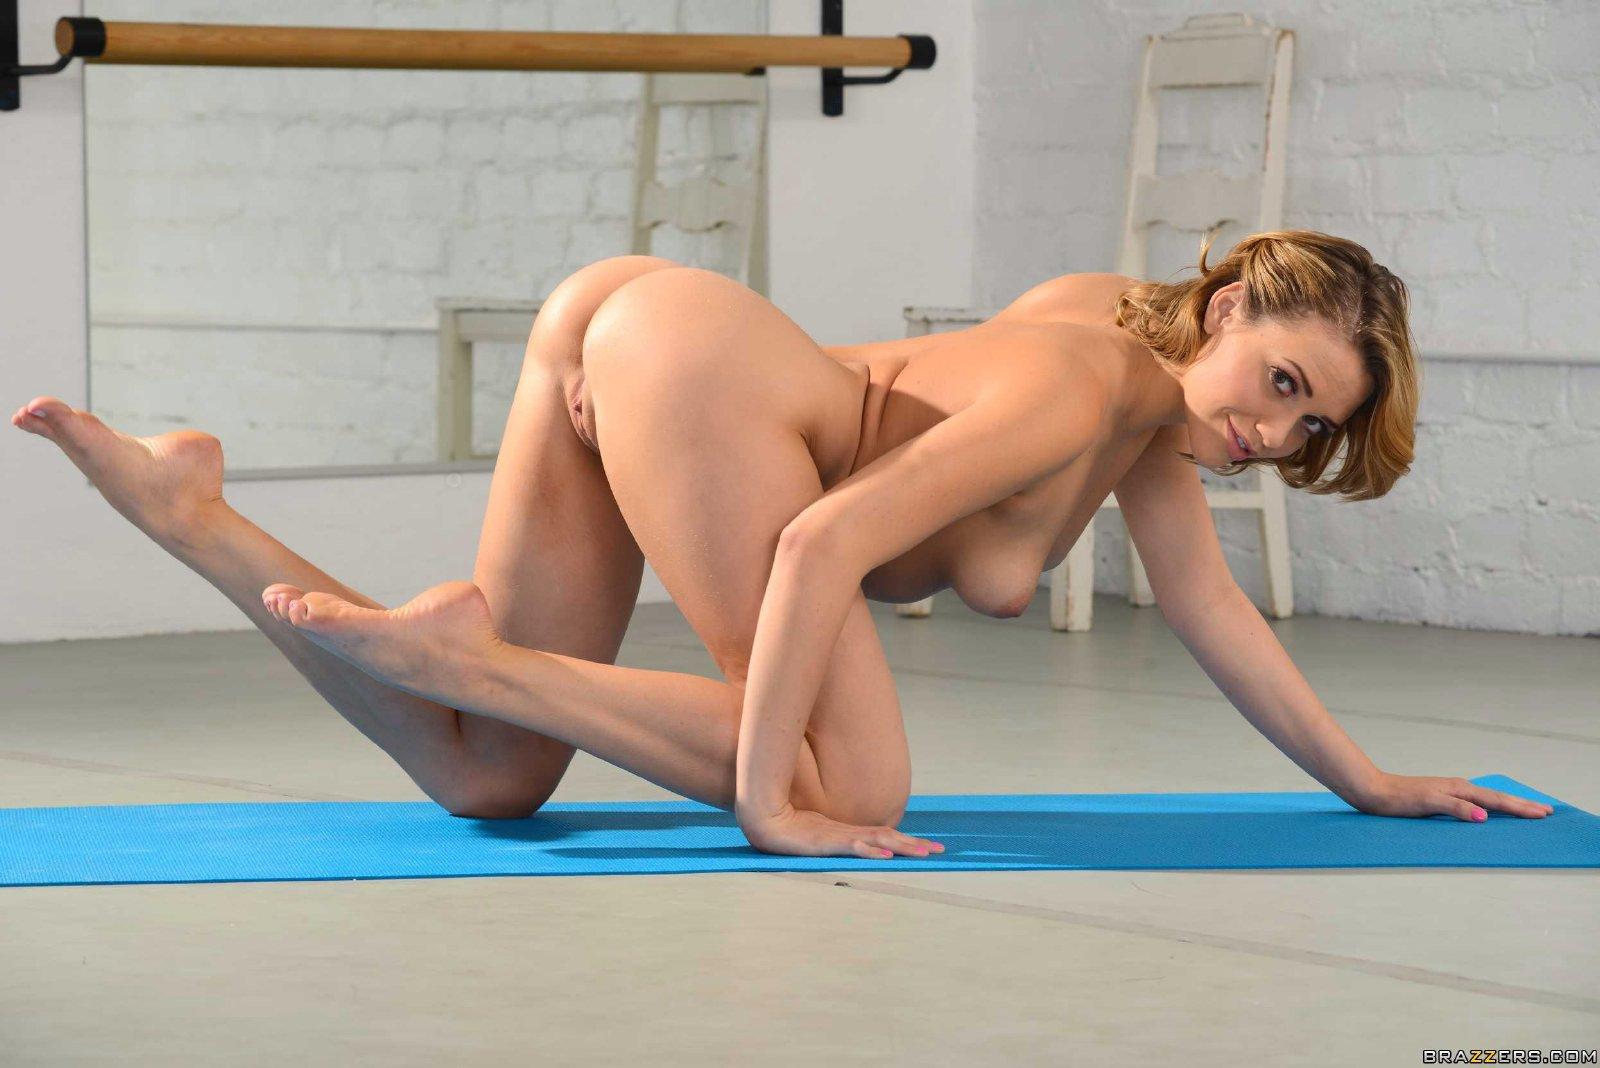 Красивая Гимнастка Занимается Спортом Голышом : Фото Голых Гимнасток